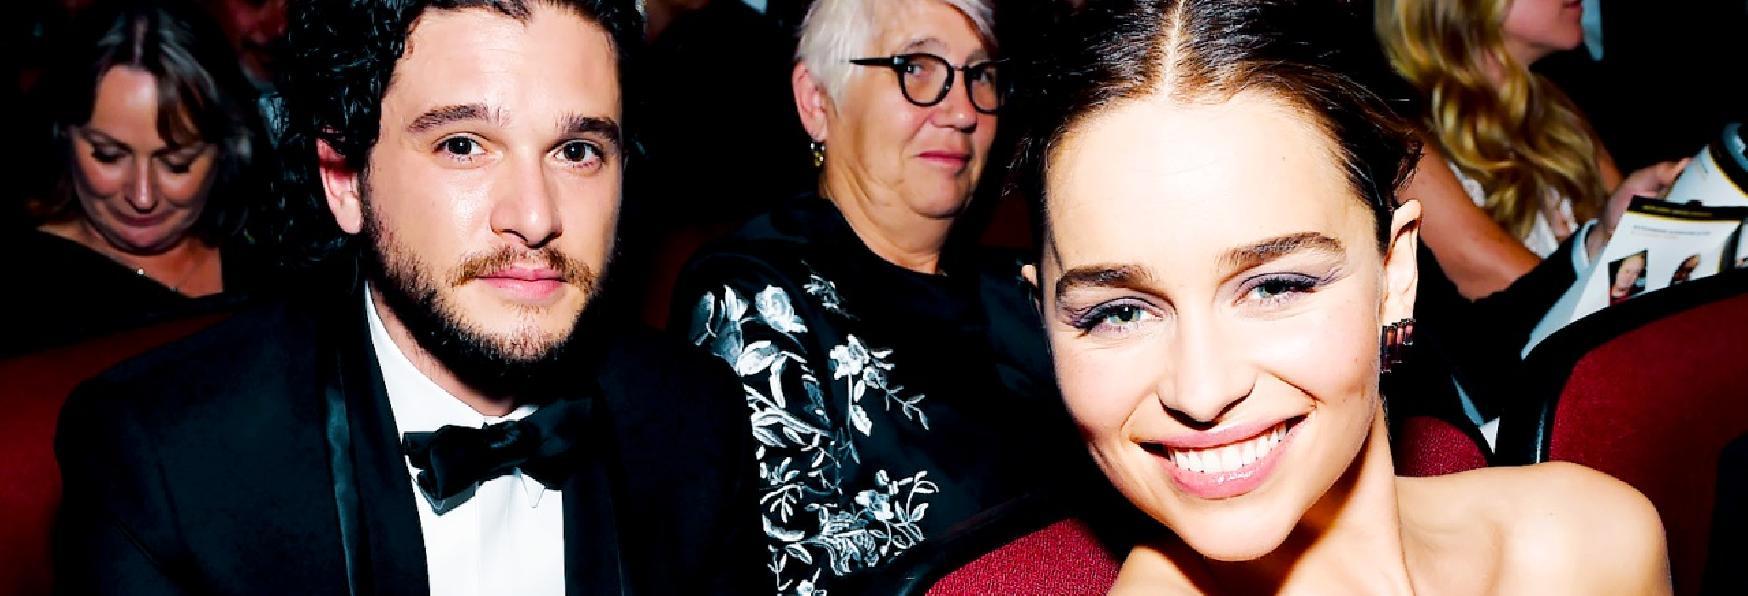 Game of Thrones: le ultime Puntate sono Incredibili, parola di Kit Harington e di Emilia Clarke